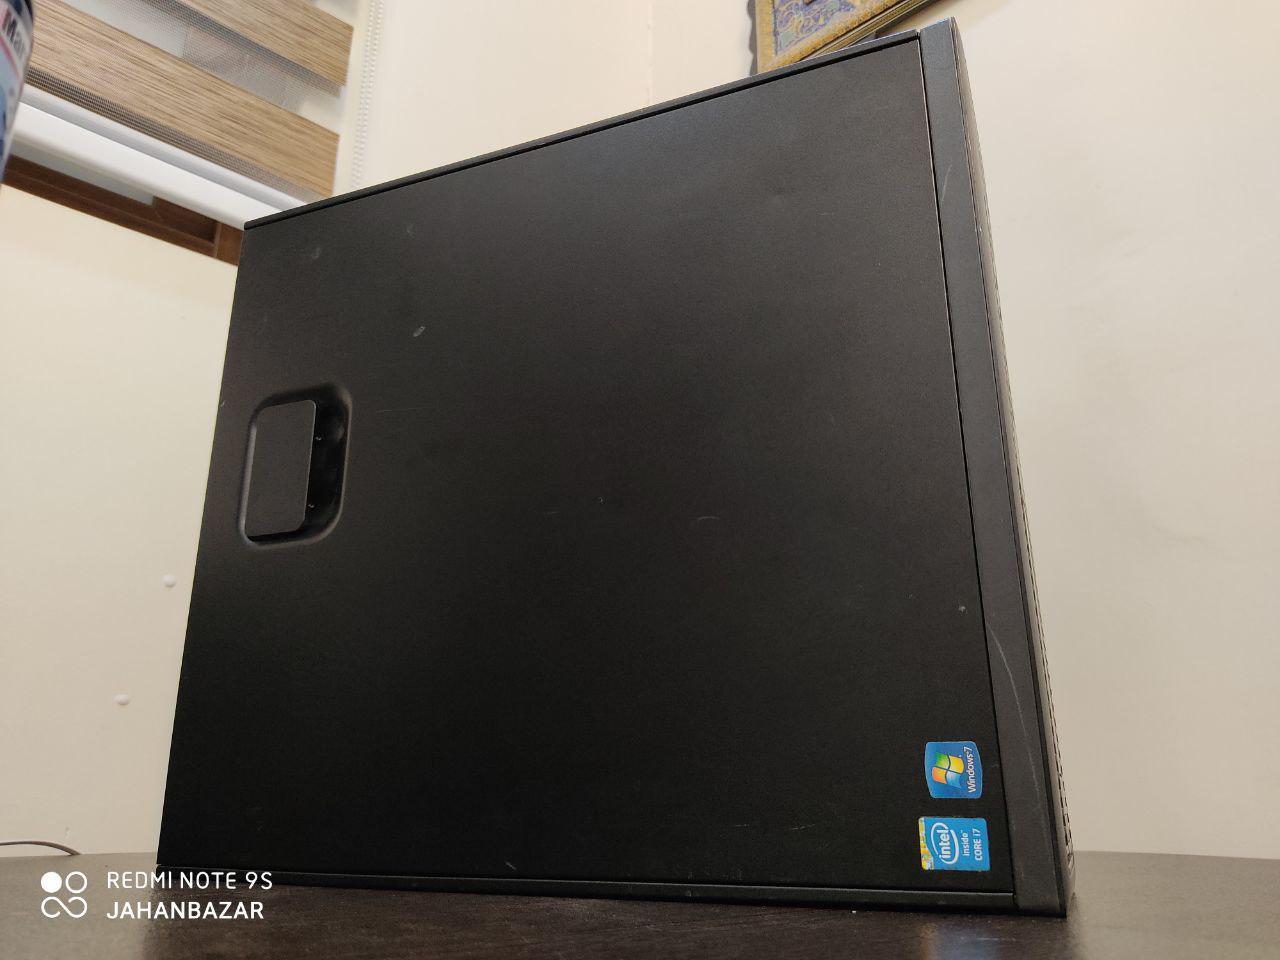 کیس کامپیوتر اچ پی